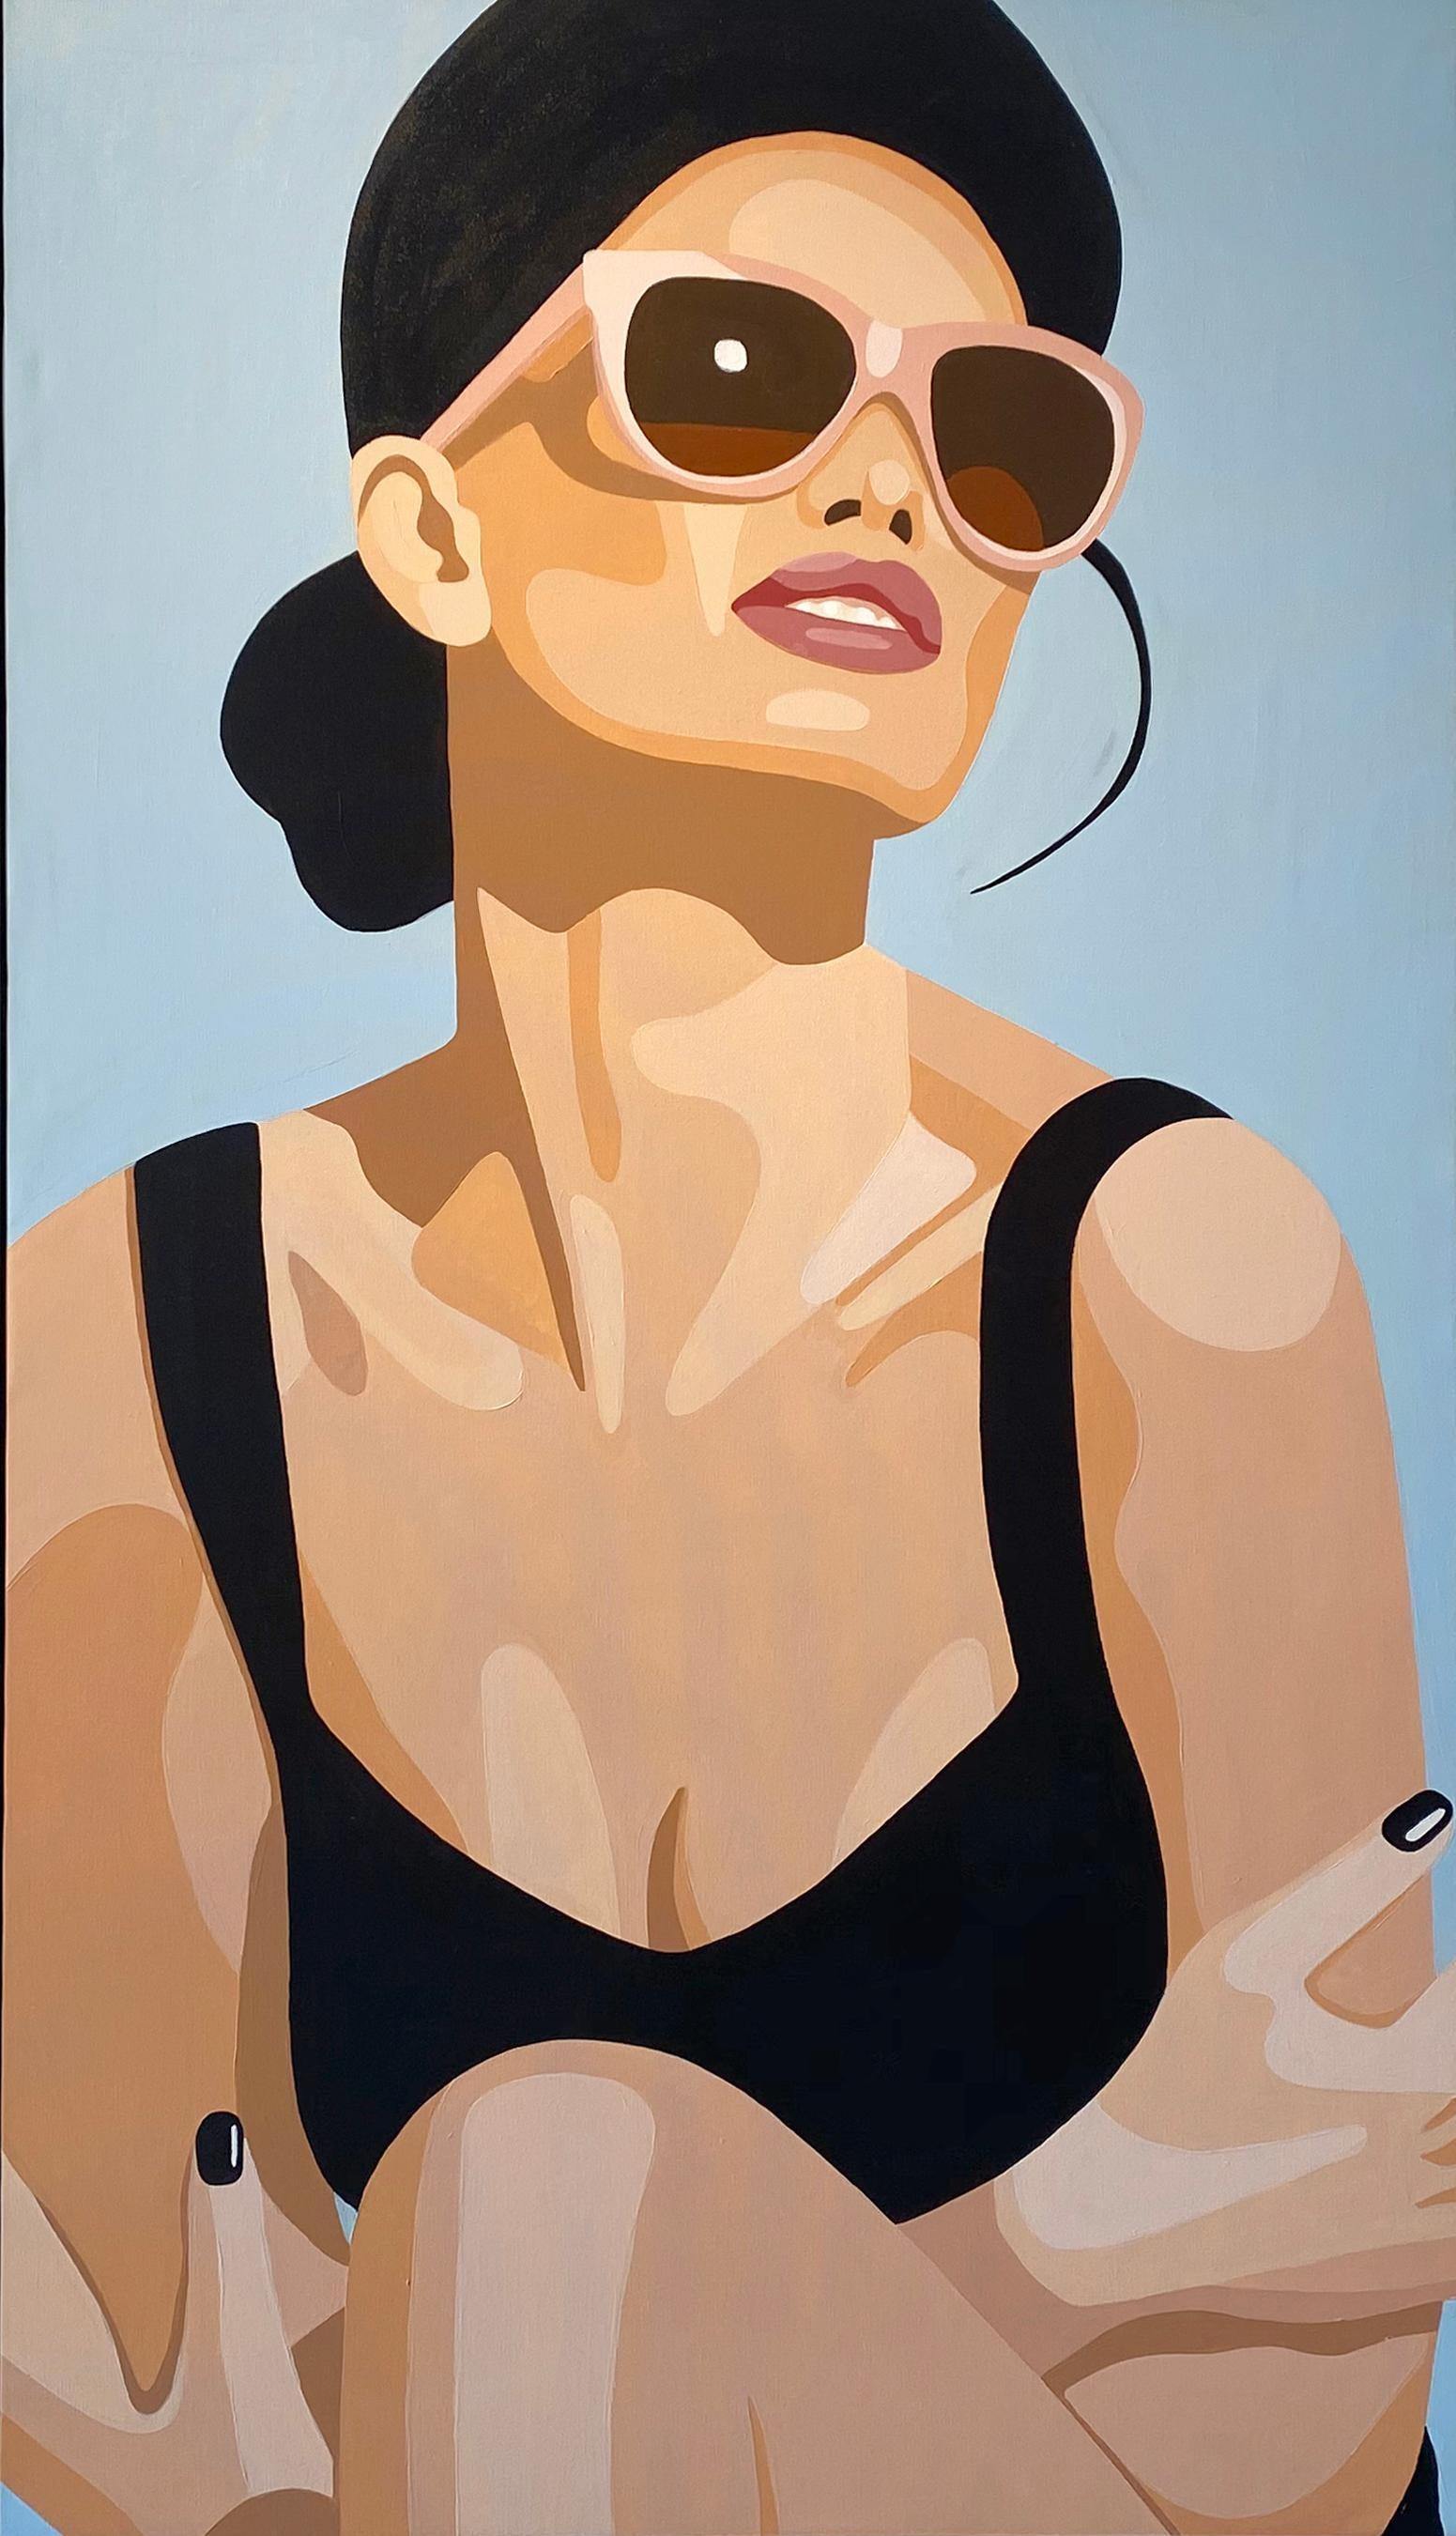 Vivid 89, 2020, Oil and Acrylic on canvas